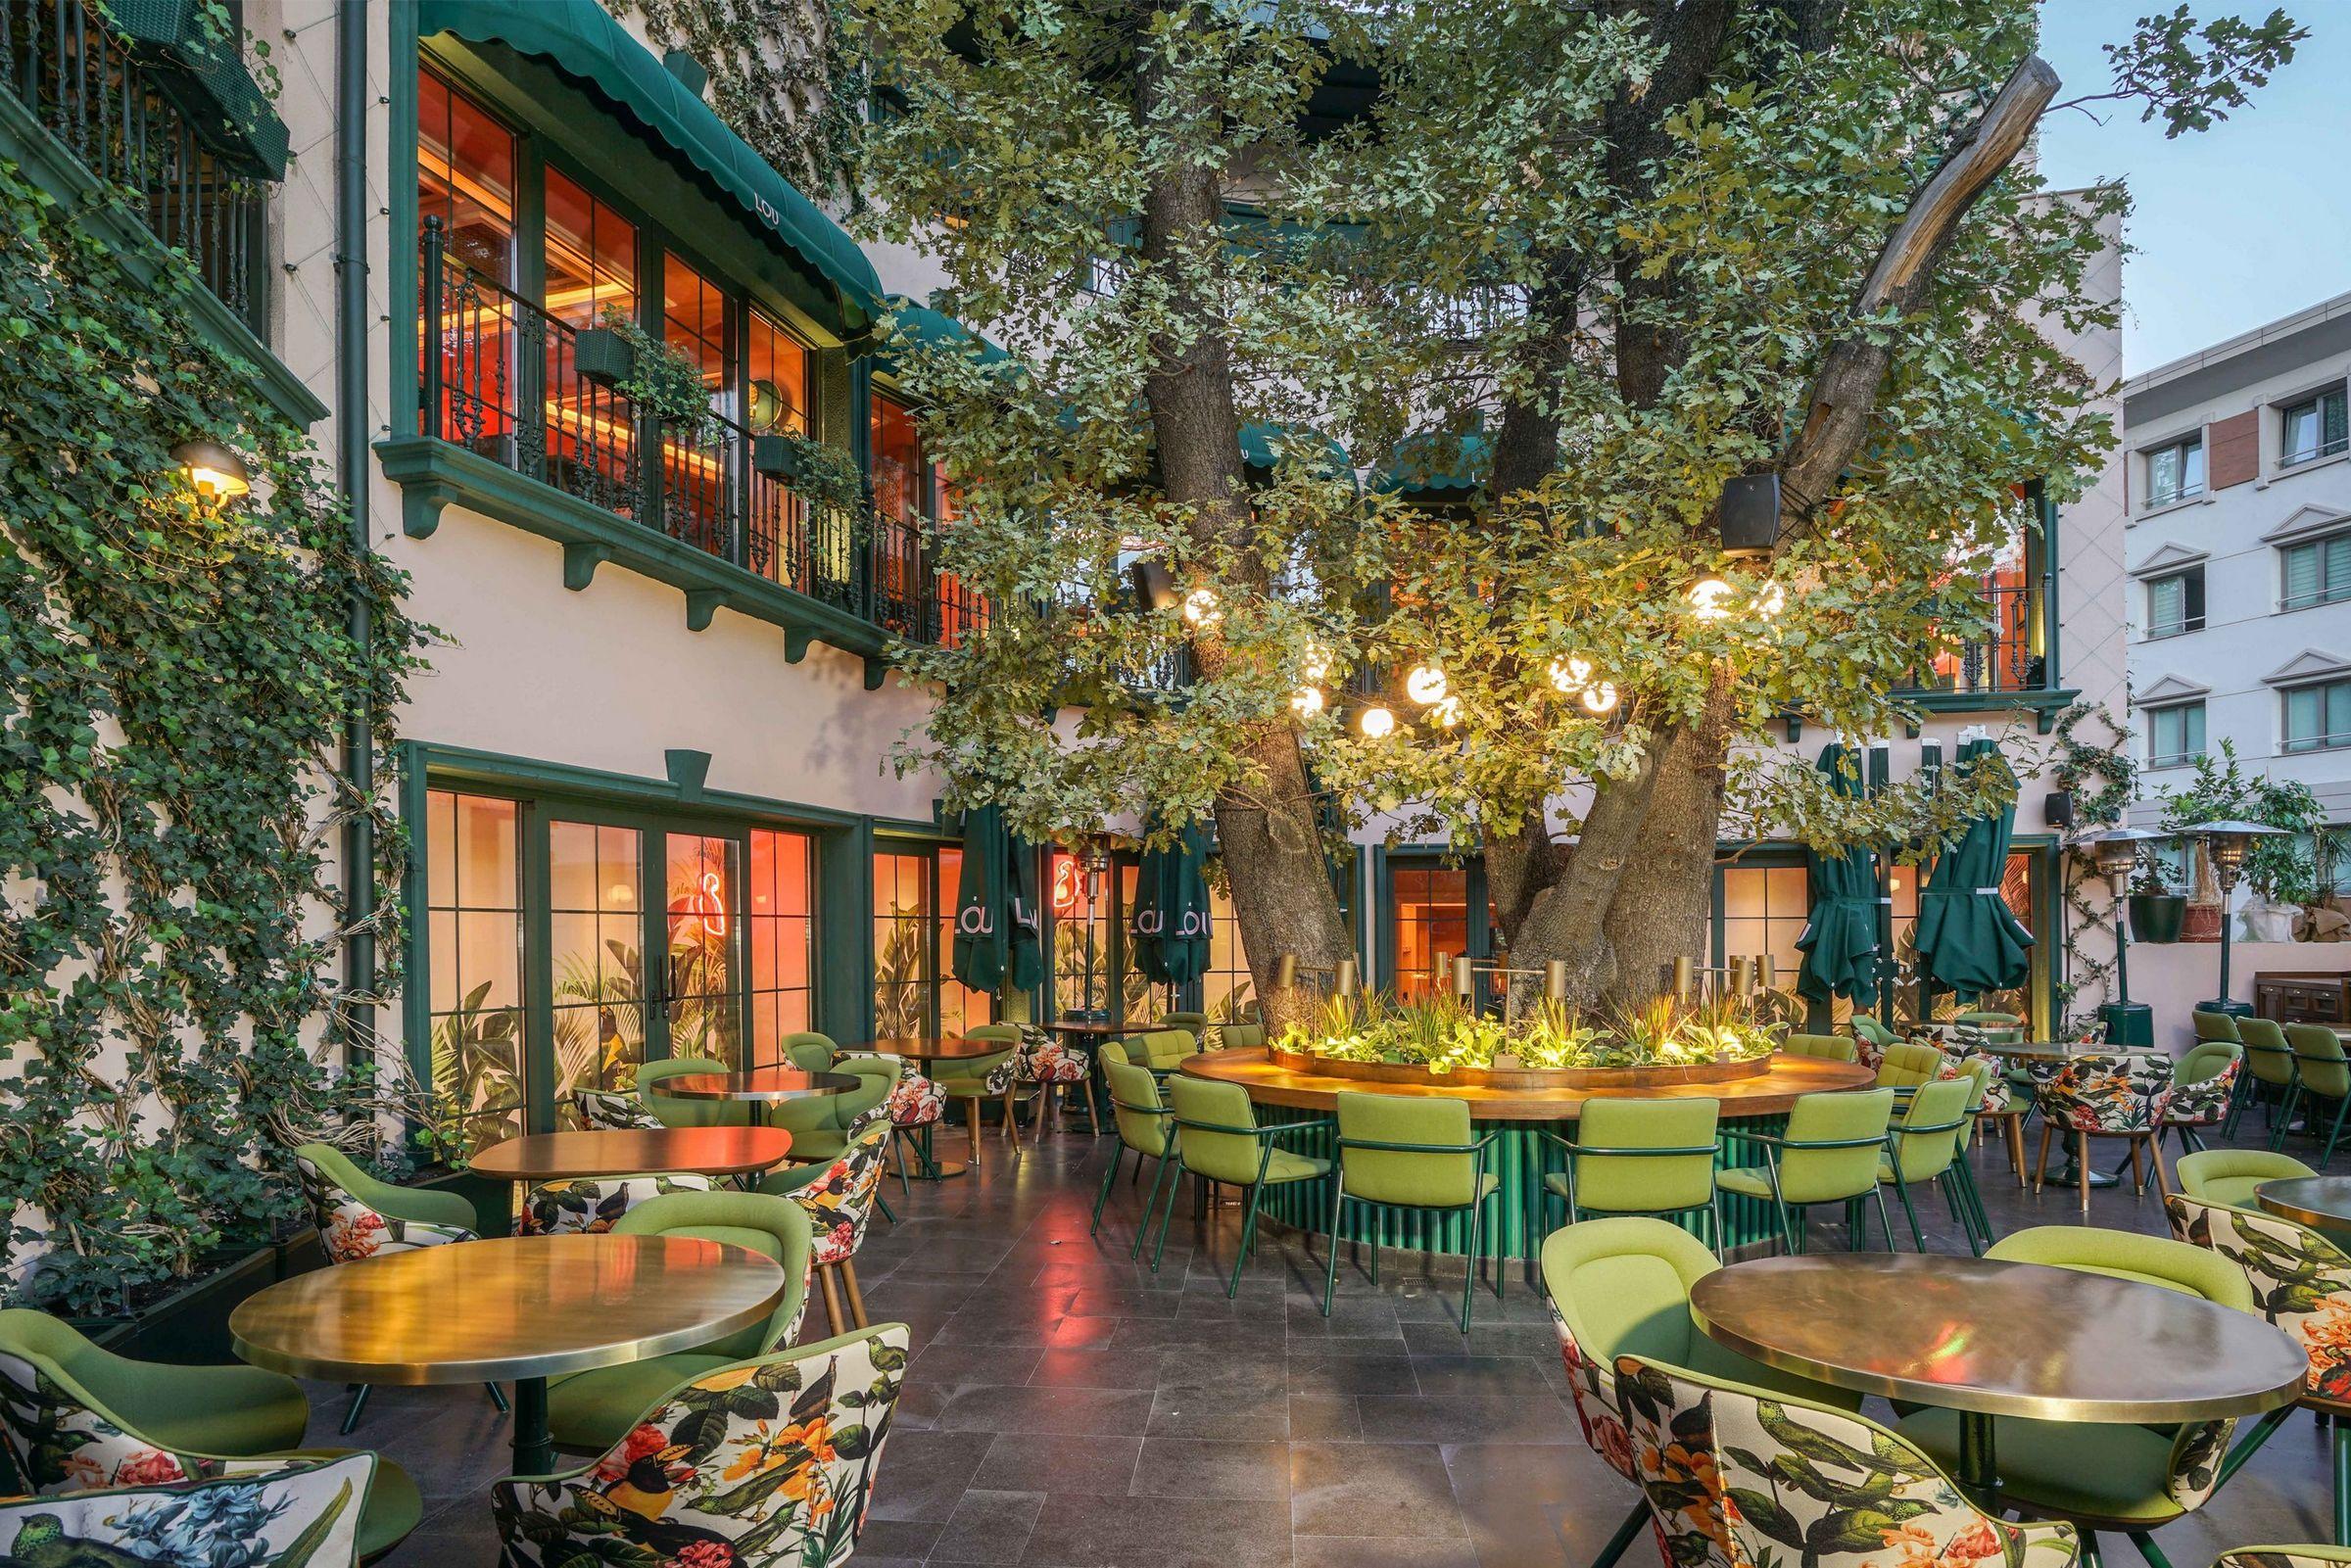 mau quan cafe cay xanh dep hinh that 1 Mẫu thiết kế quán cafe sân vườn đẹp giúp kinh doanh sinh lời giữ chân khách hàng trung thành